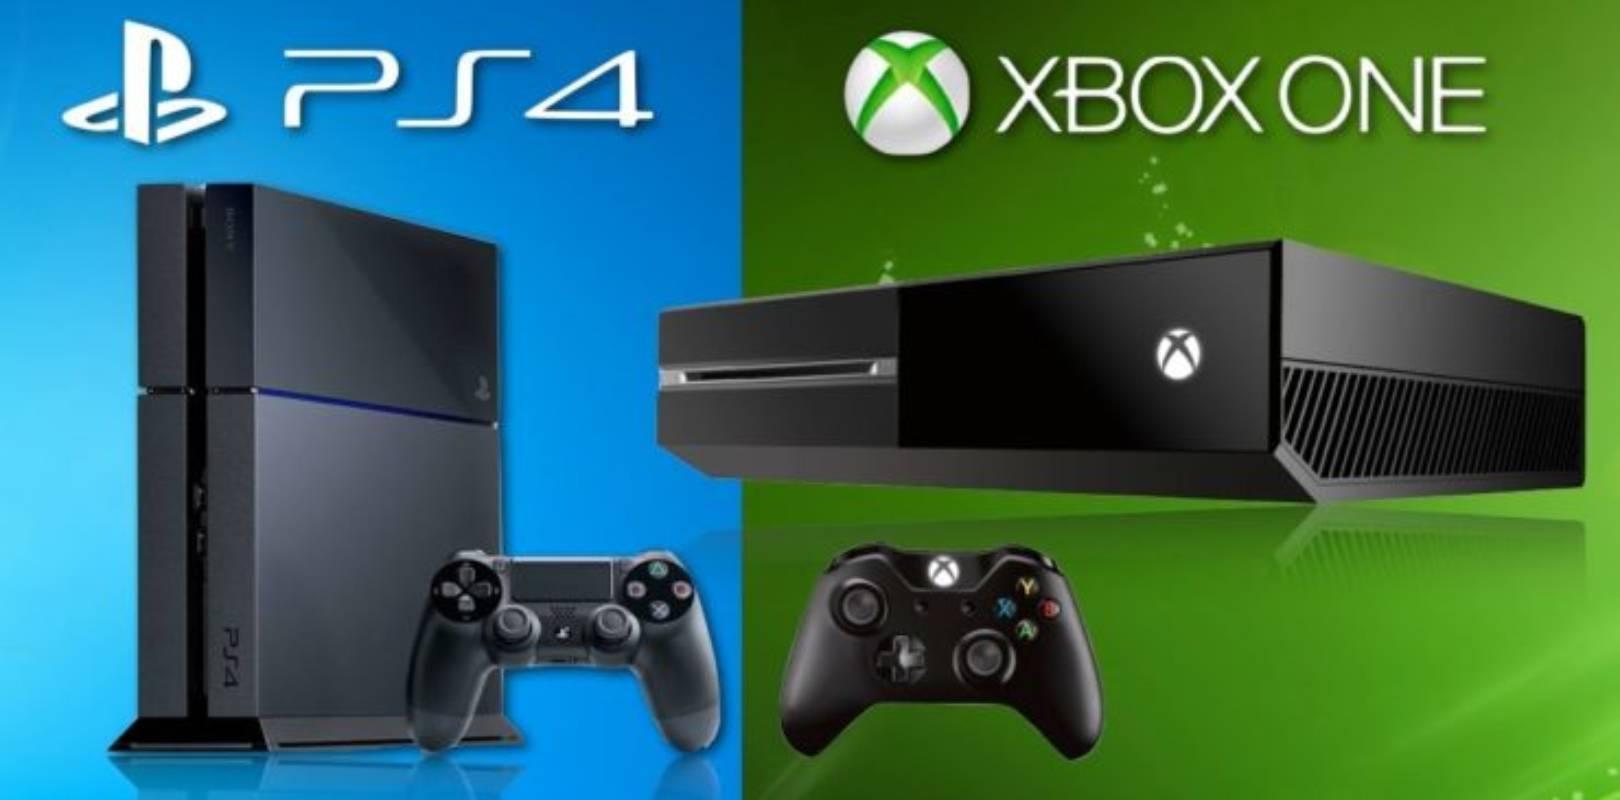 Hasta el momento estos son los juegos más vendidos de Xbox One y PlayStation 4